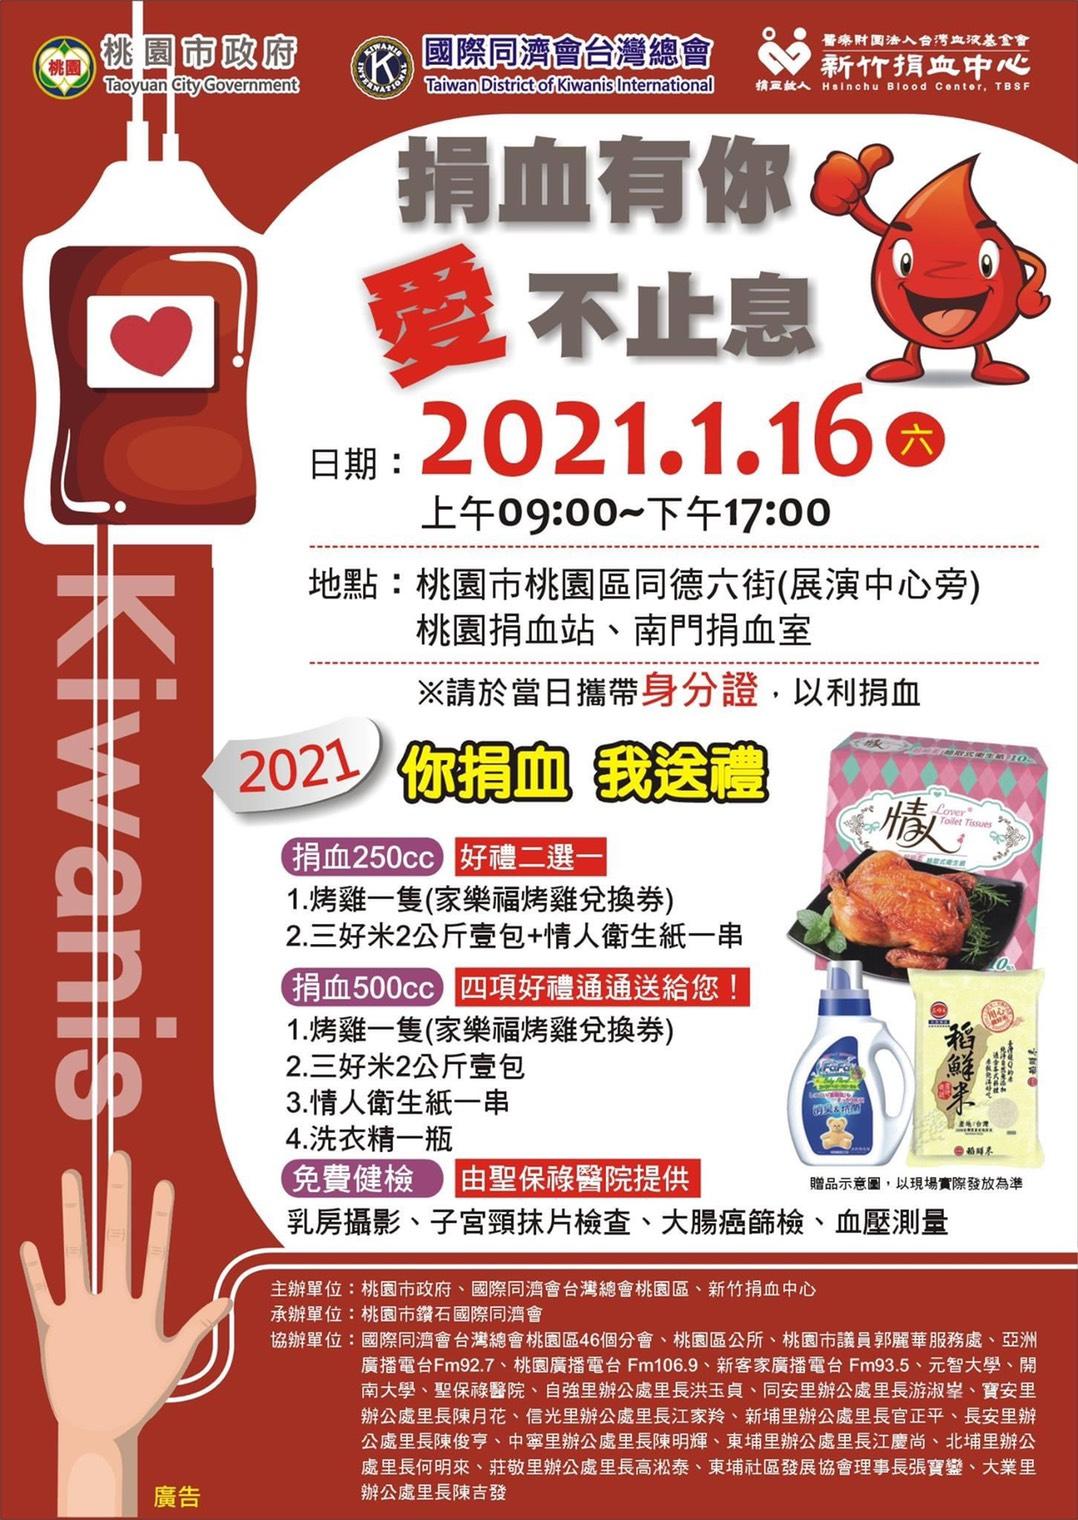 【新聞稿】110年1月16日捐血月「捐血有你,愛不止息!」記者會